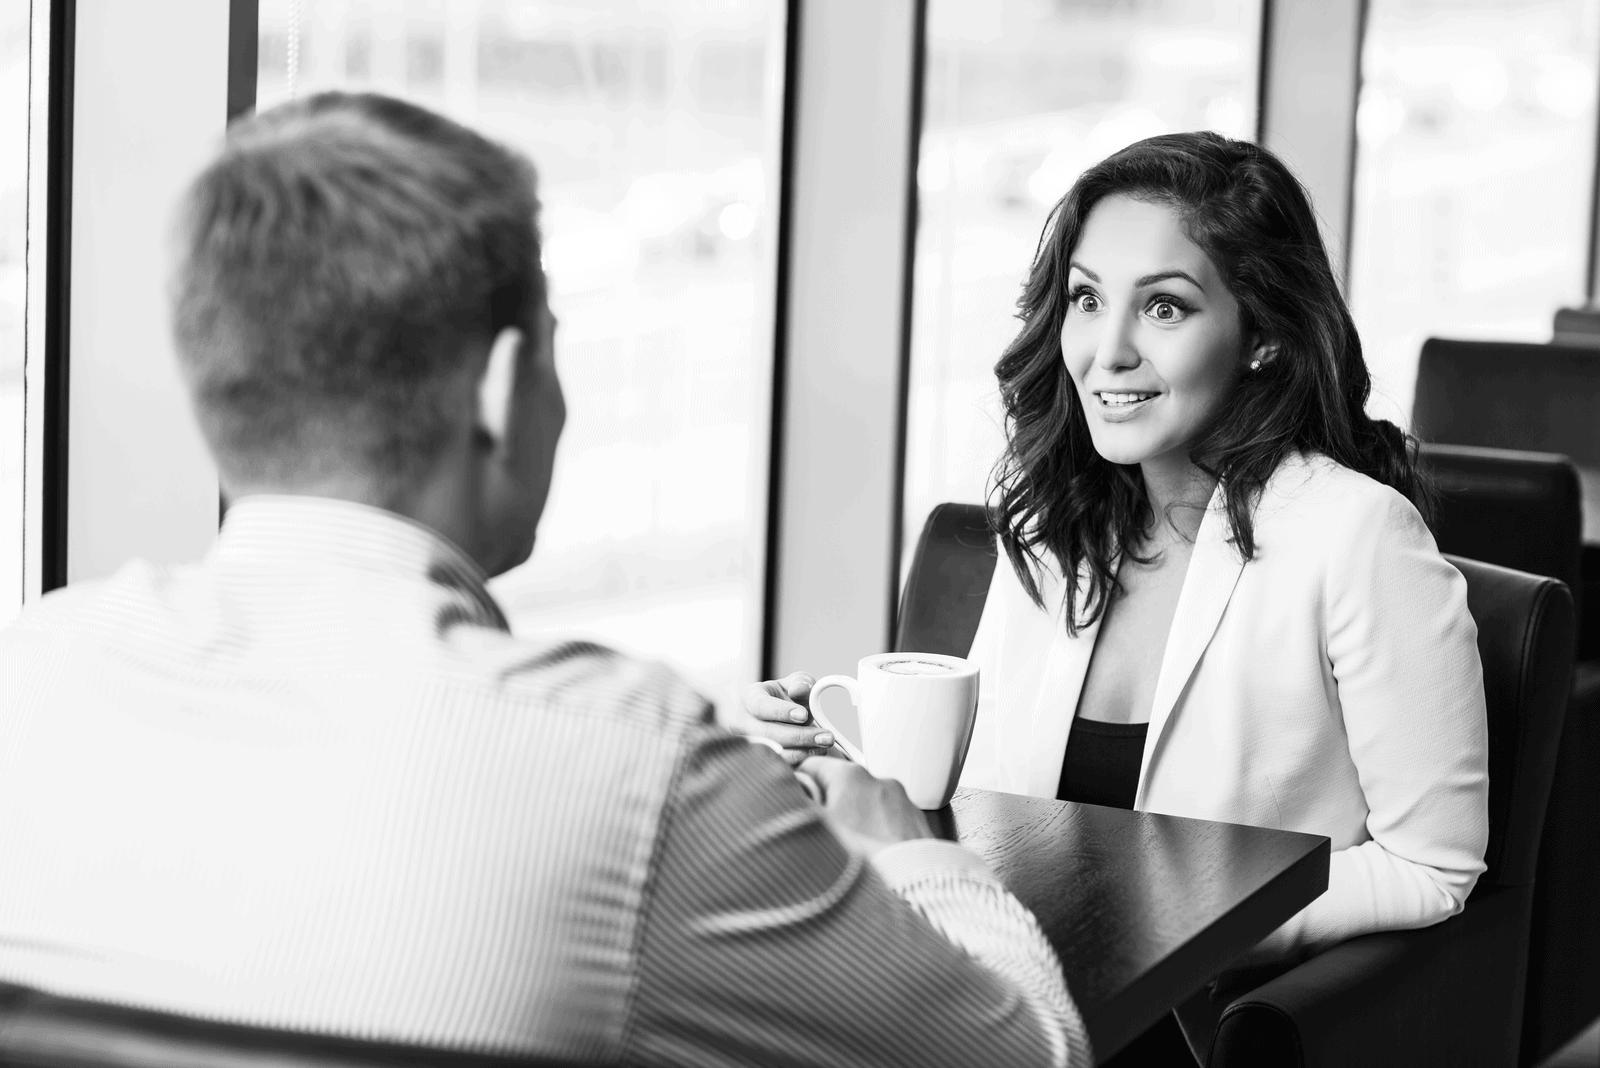 la femme regarde l'homme pendant qu'ils parlent